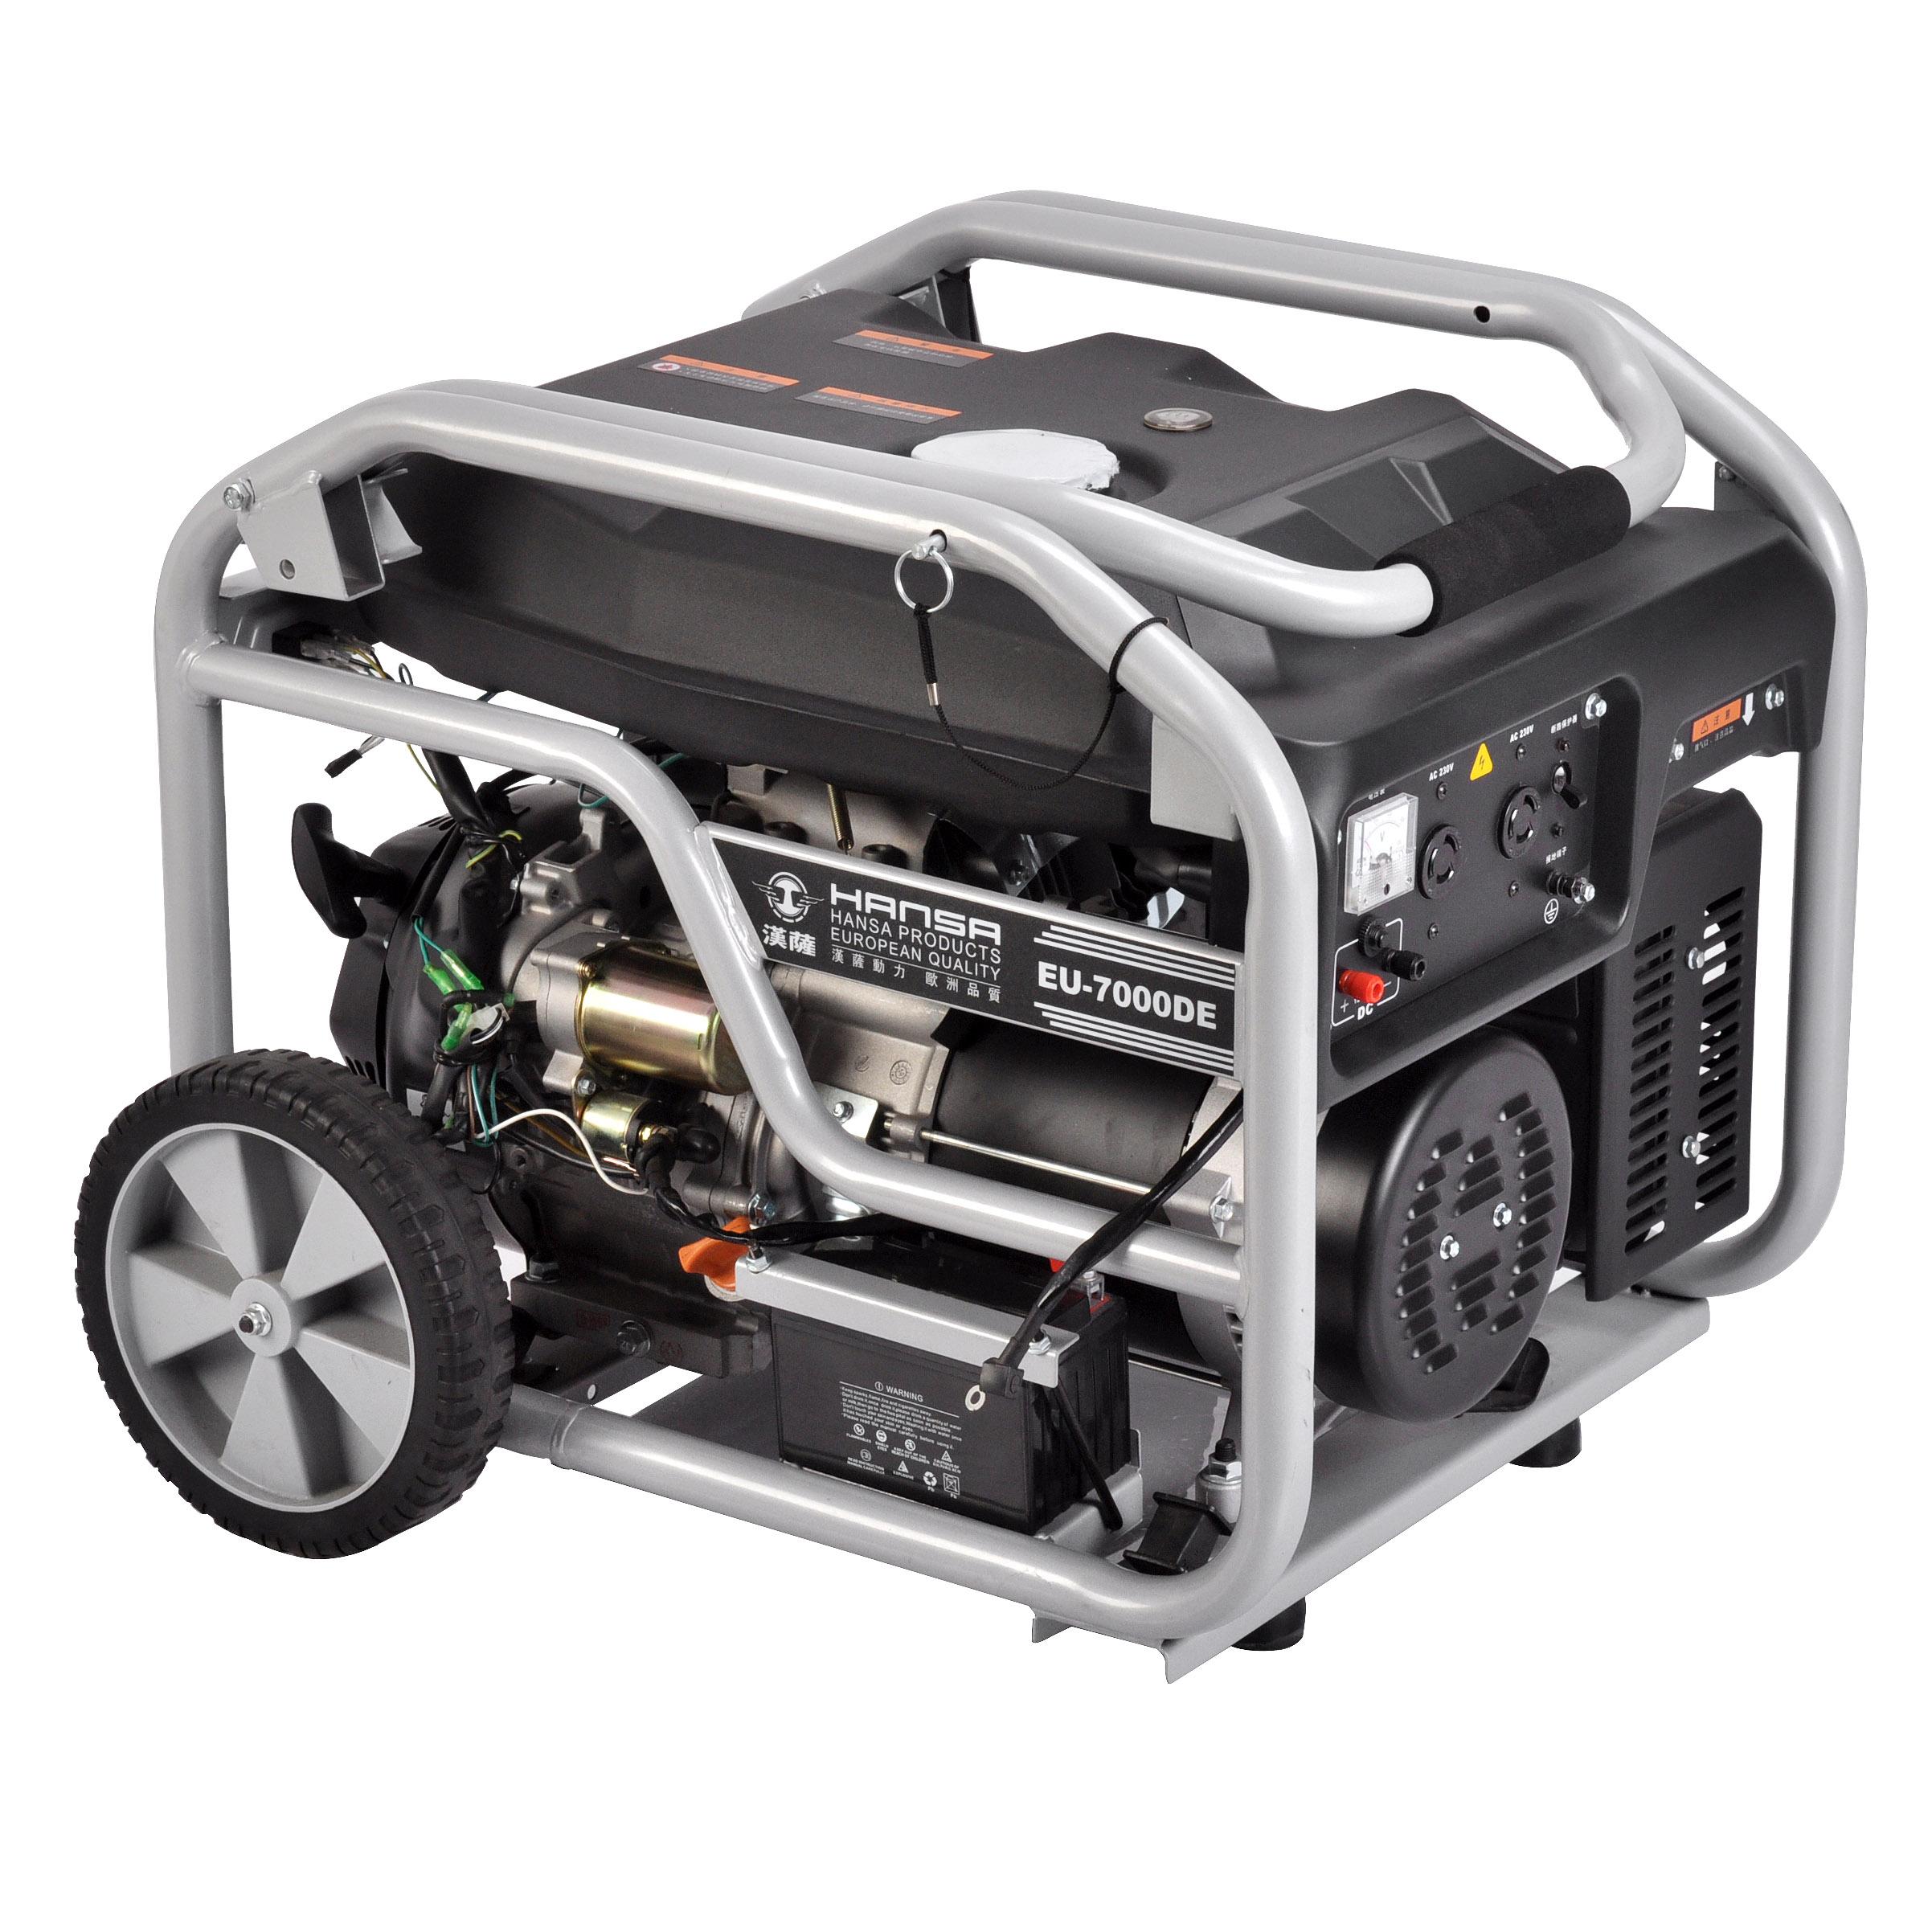 汉萨6kw汽油发电机——EU-7000DE